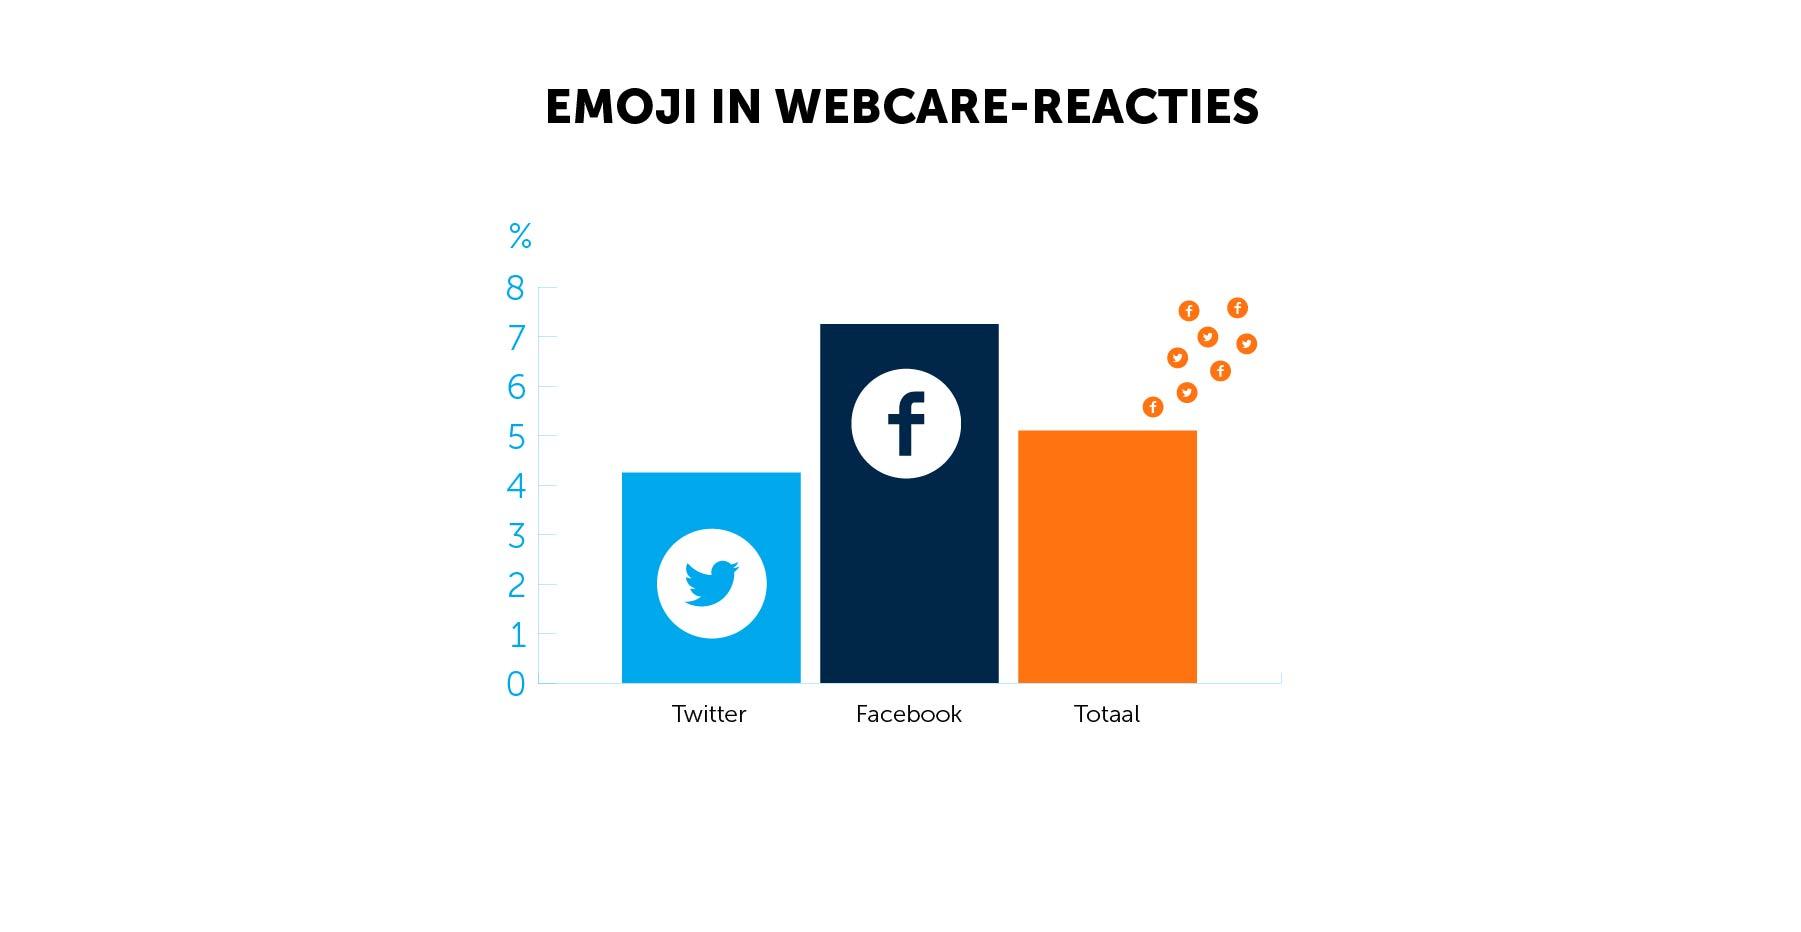 emoji in webcare